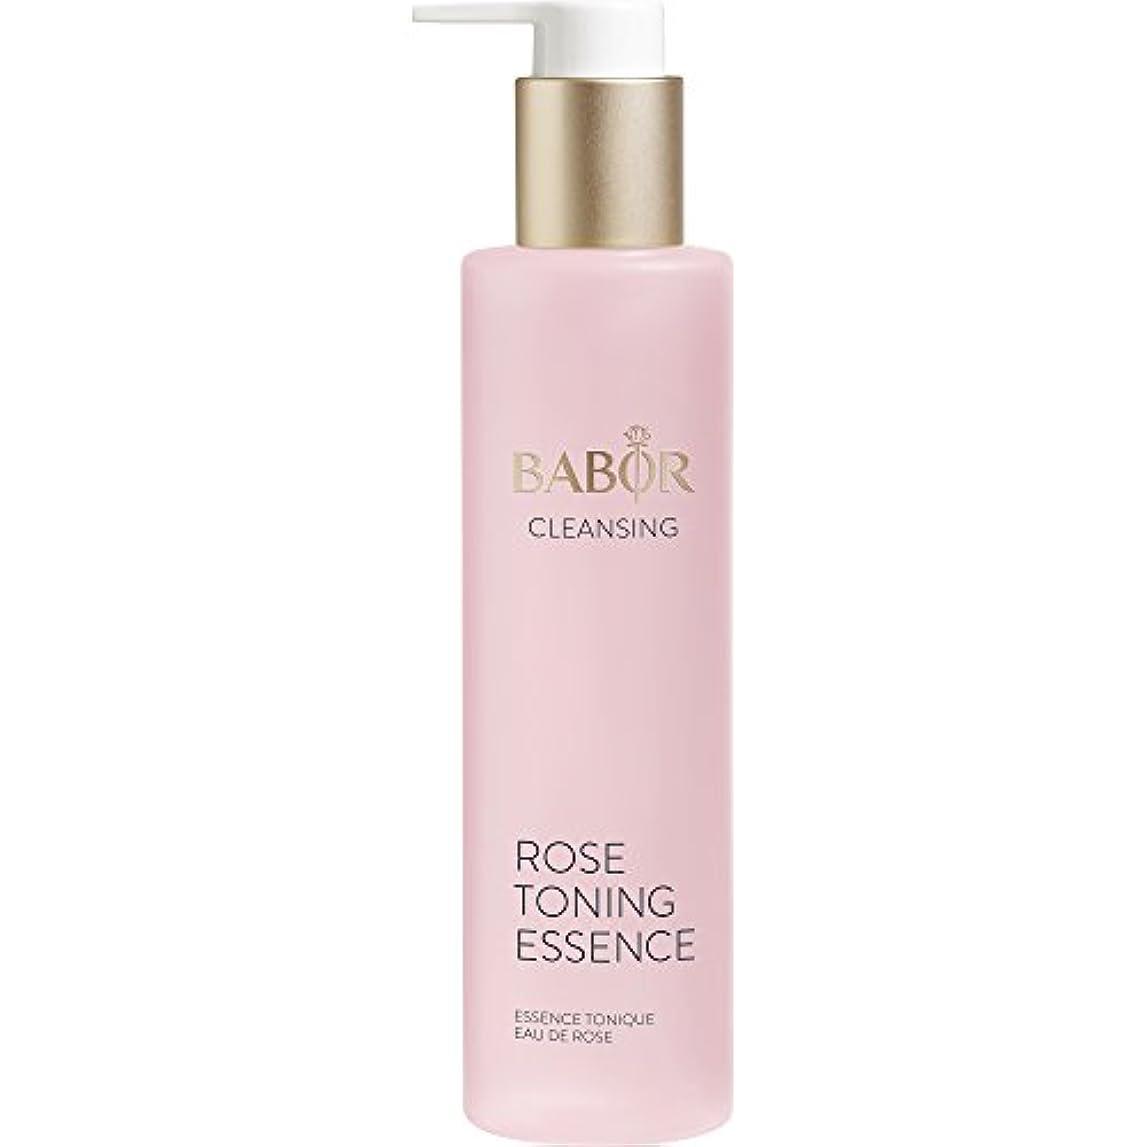 アウトドア距離お酢バボール CLEANSING Rose Toning Essence 200ml/6.3oz並行輸入品